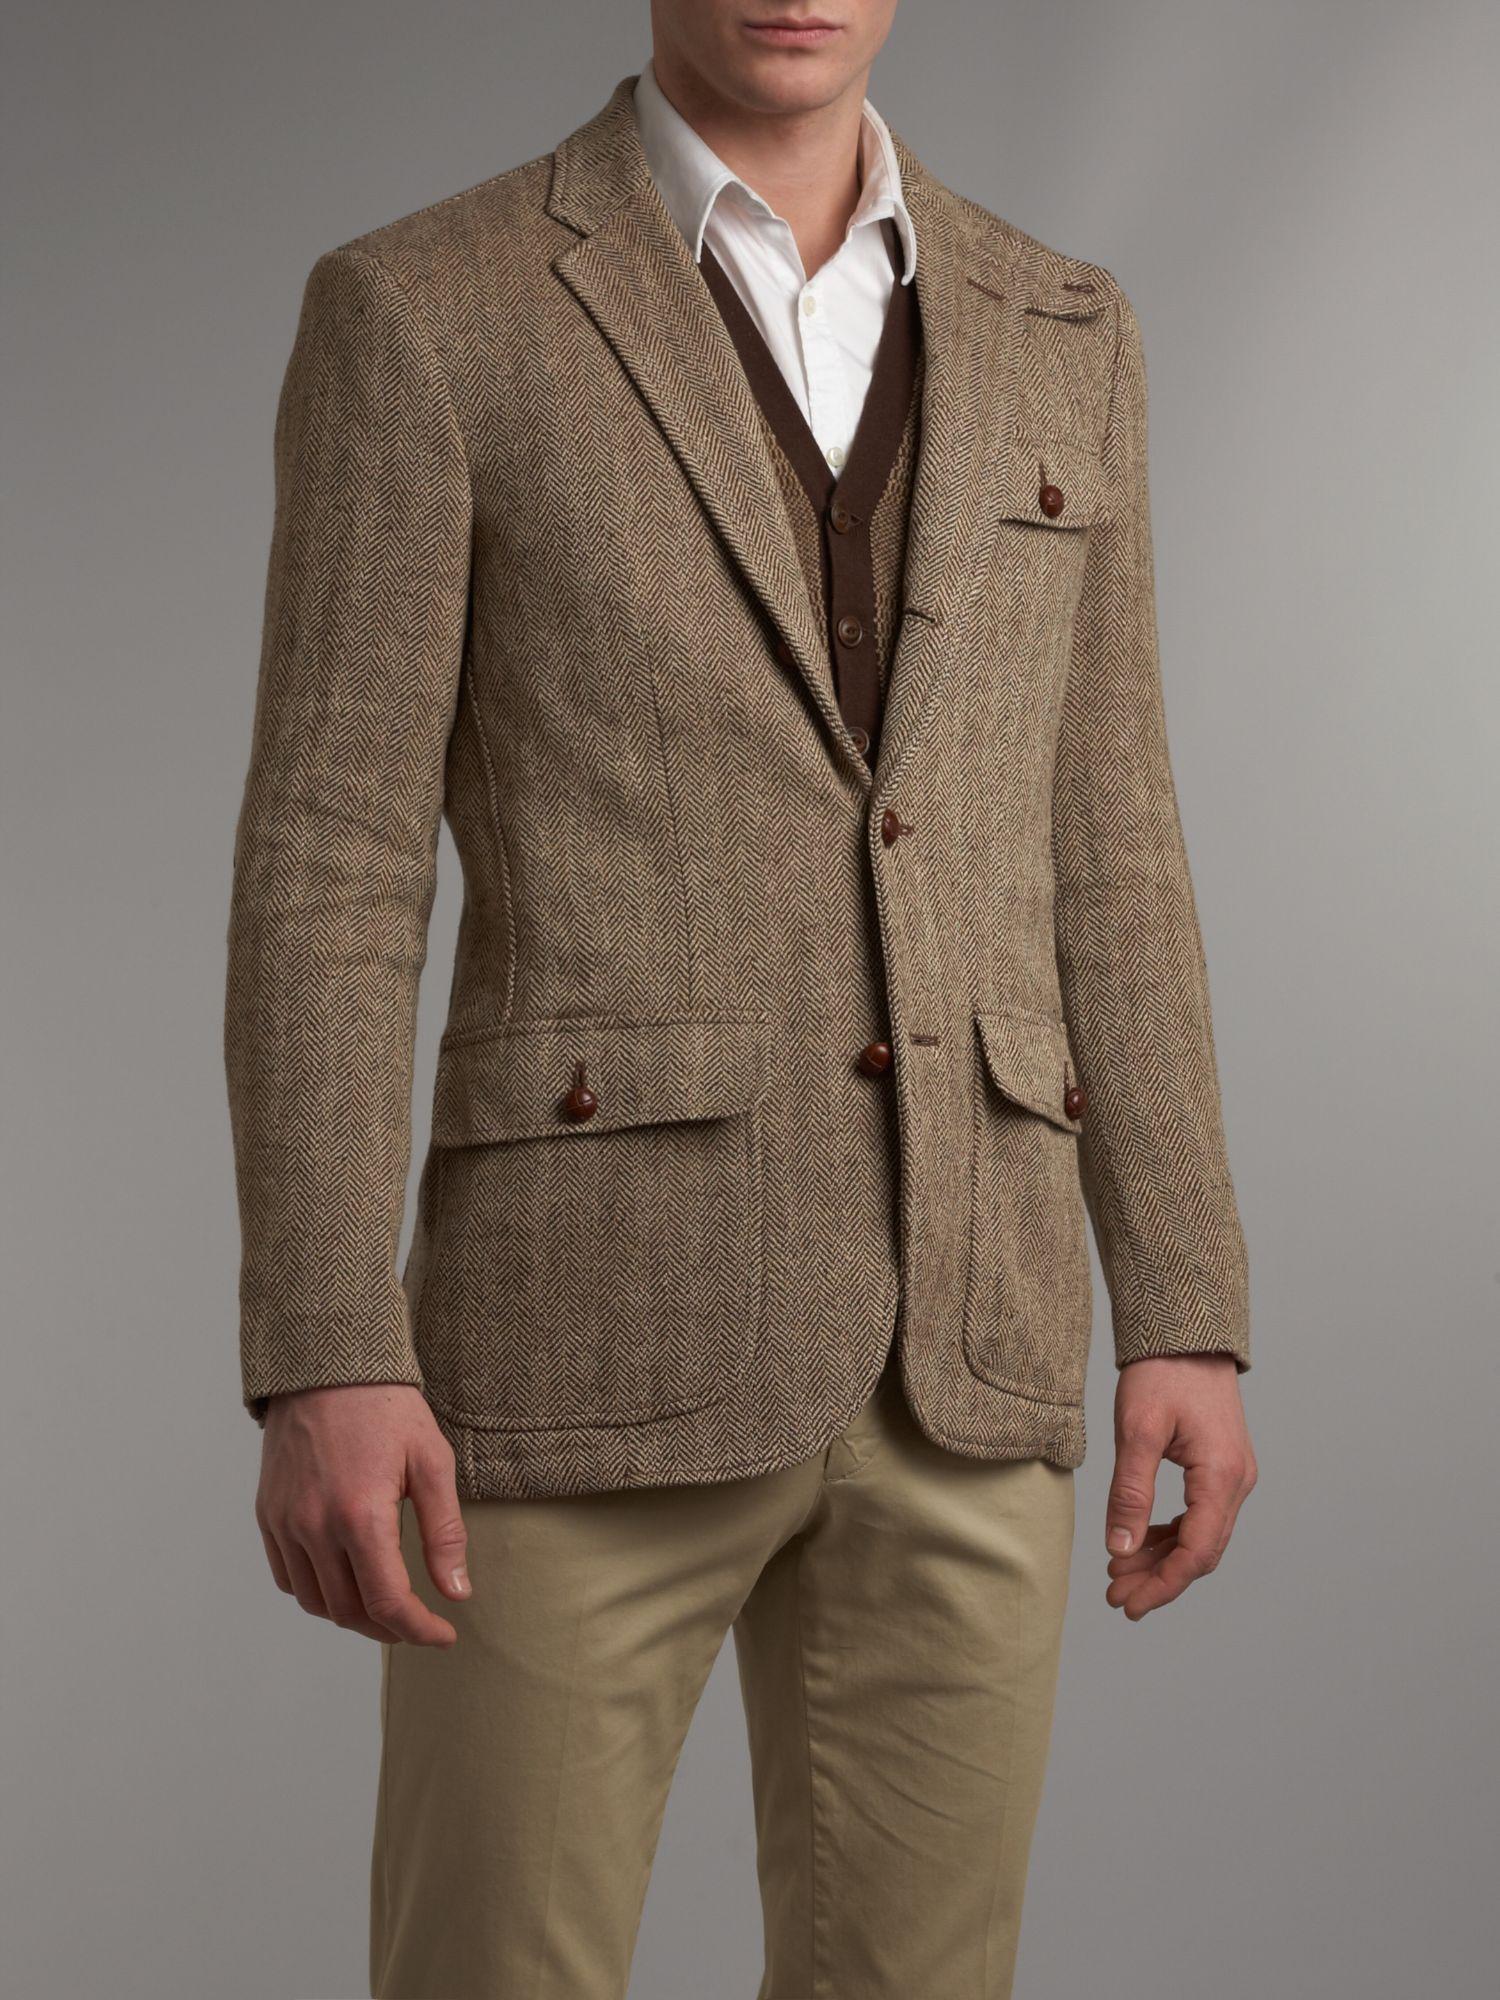 Polo ralph lauren Tweed Blazer in Brown for Men | Lyst